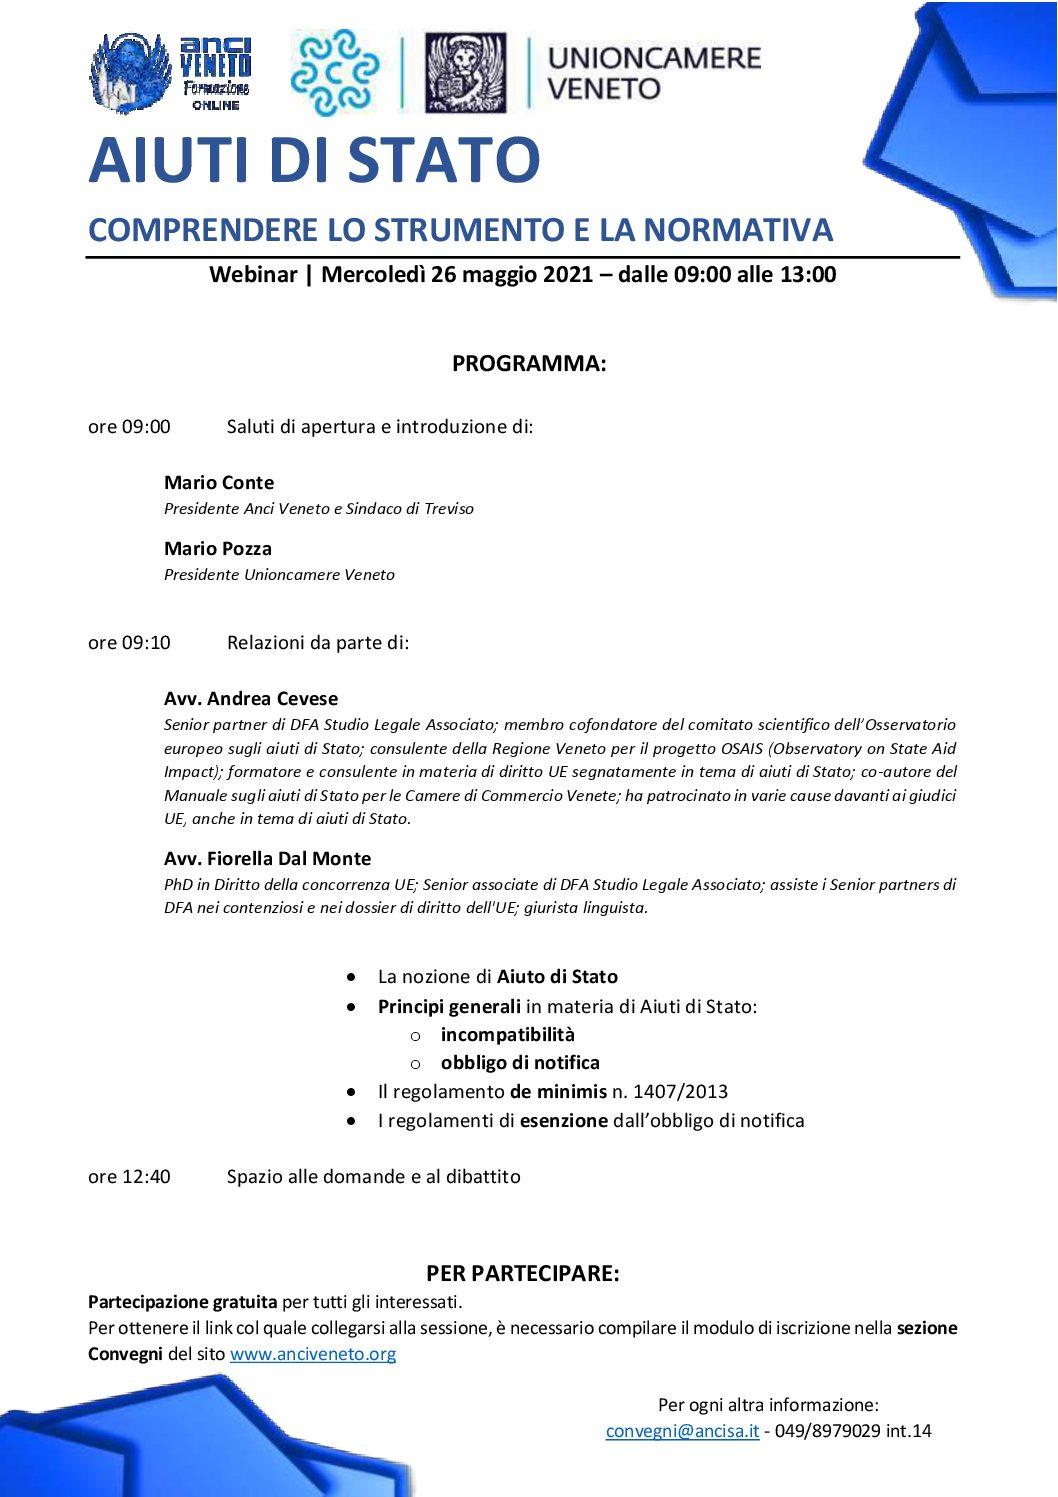 DFA e ANCI Veneto per la formazione dei Comuni in materia di Aiuti di Stato